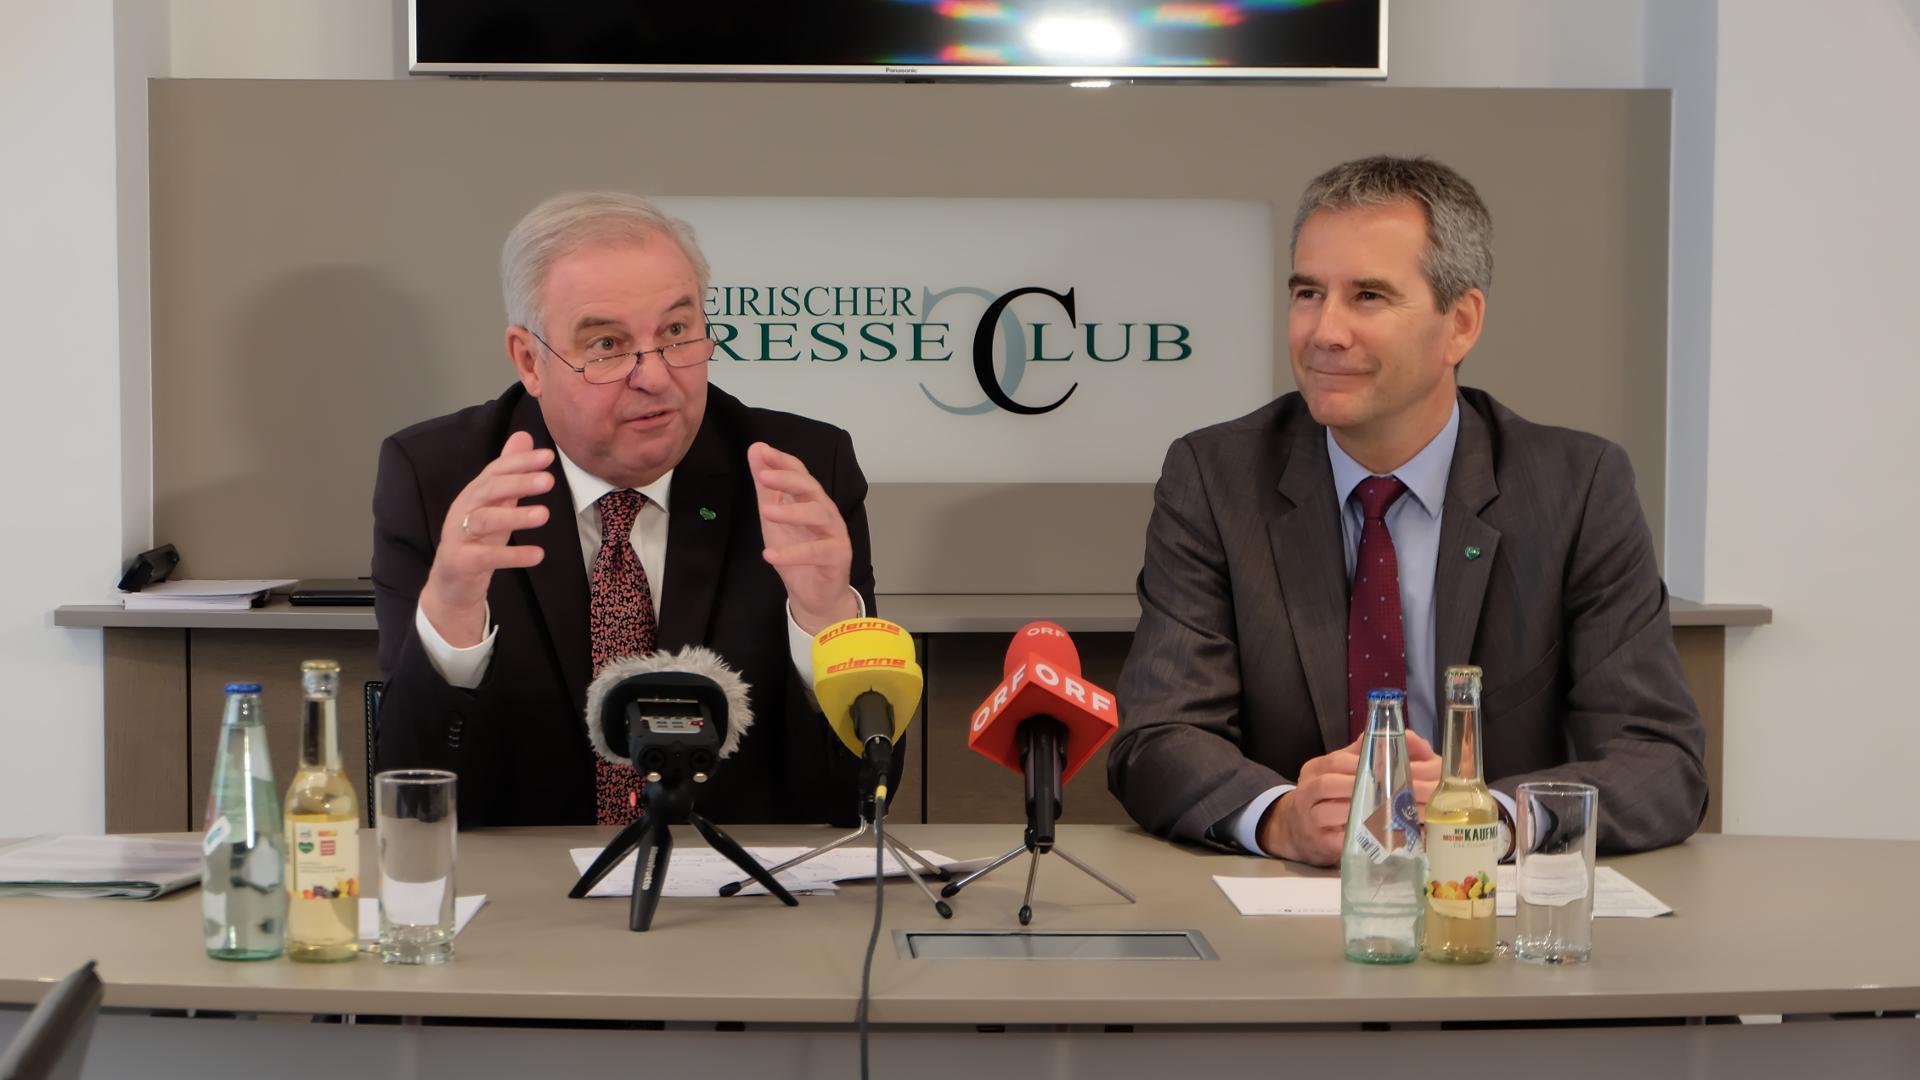 Hermann Schützenhöfer-Hartwig Löger-Finanz-Steiermark-Graz-Steuerreform-Presseclub